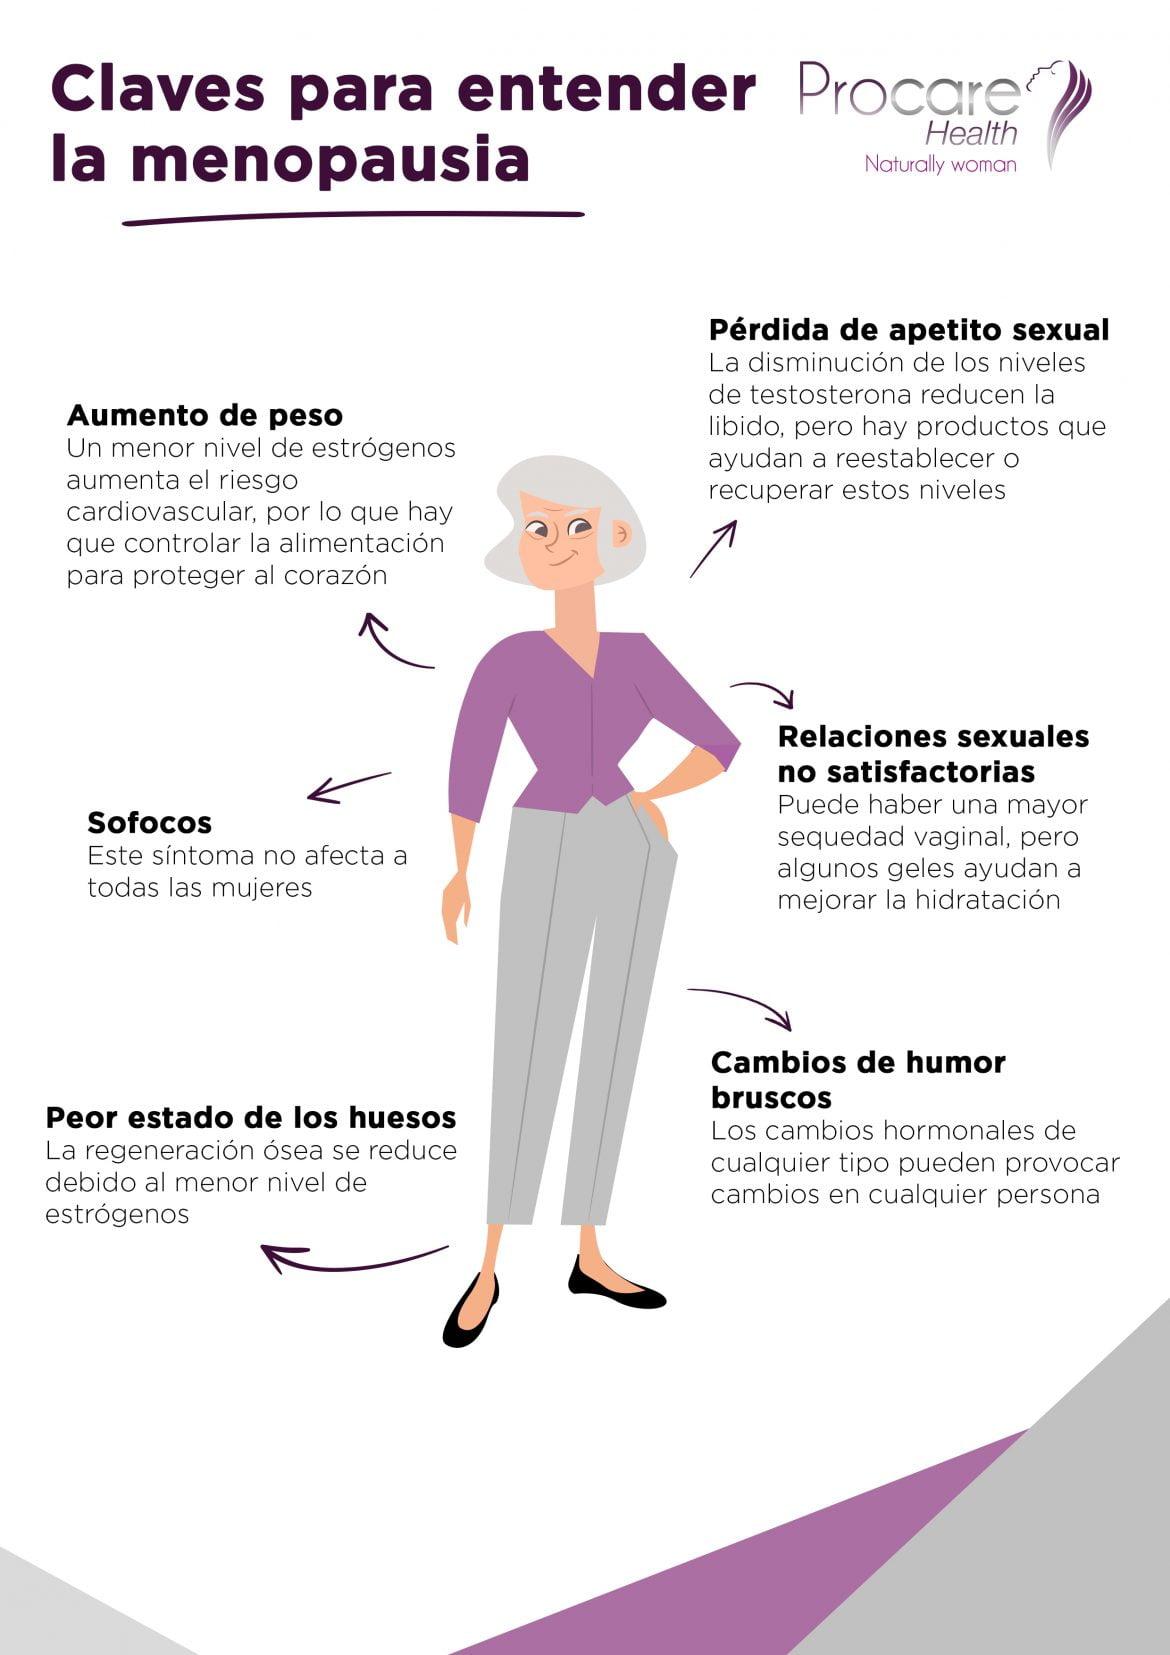 La menopausia, en 6 claves